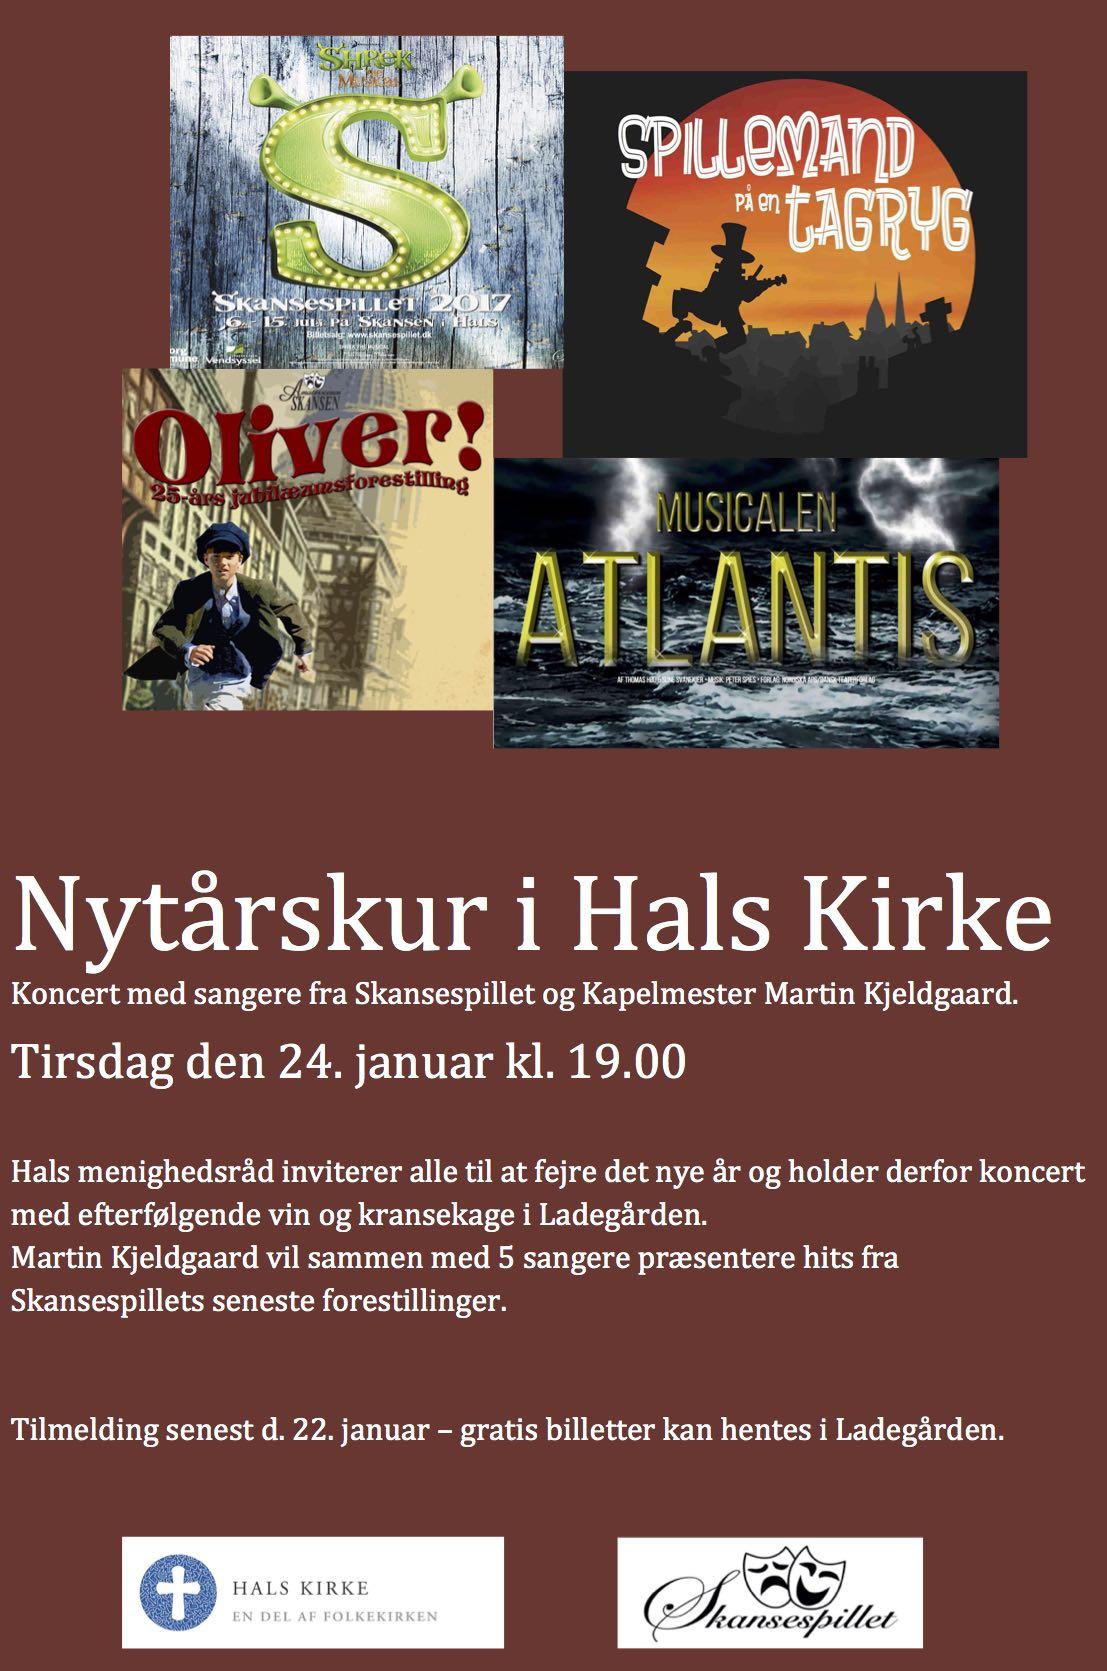 Skansespillet - Nytårskoncert i Hals Kirke